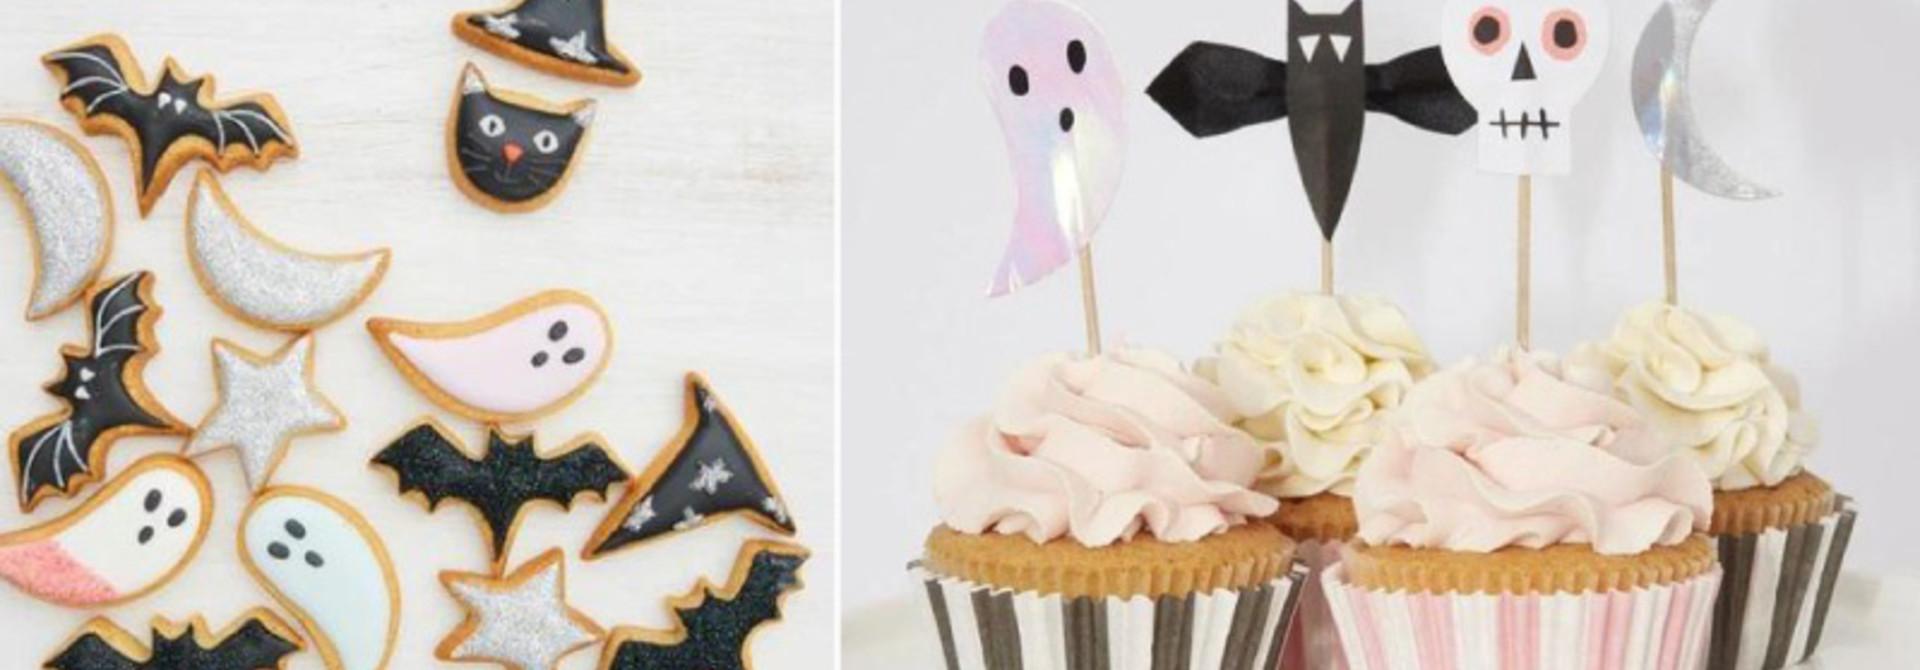 Halloween koekjes en cupcake recept